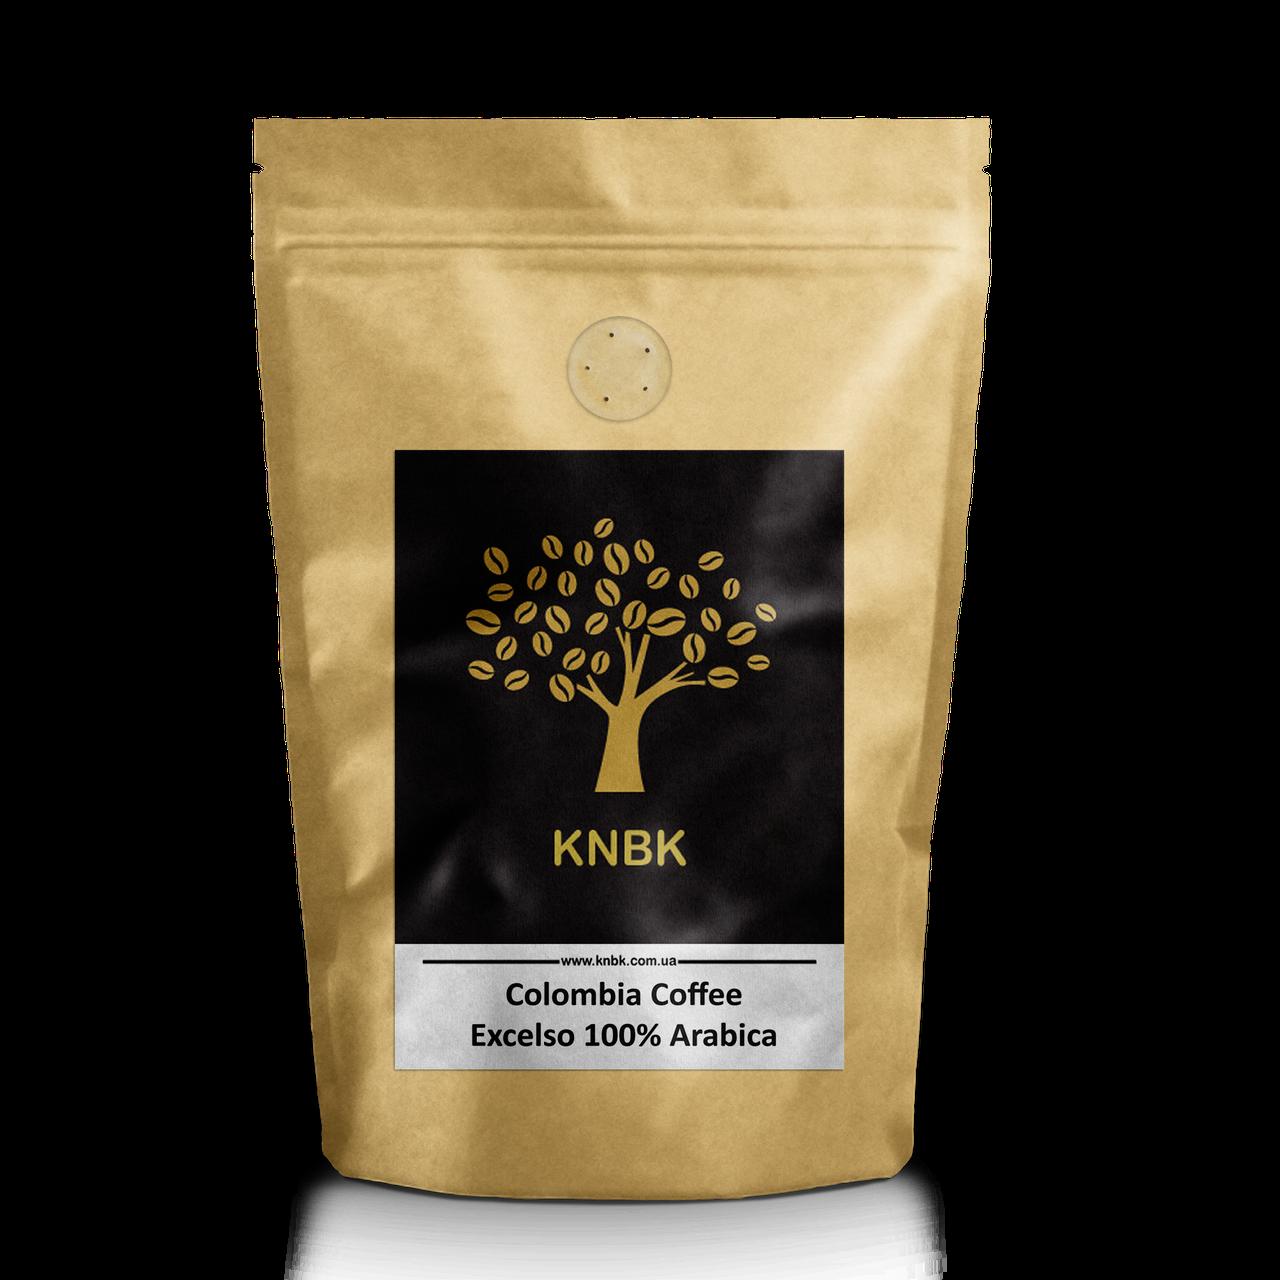 Арабика Колумбия Эксельсо (Arabica Colombia Excelso) 500г. Свежеобжаренный кофе